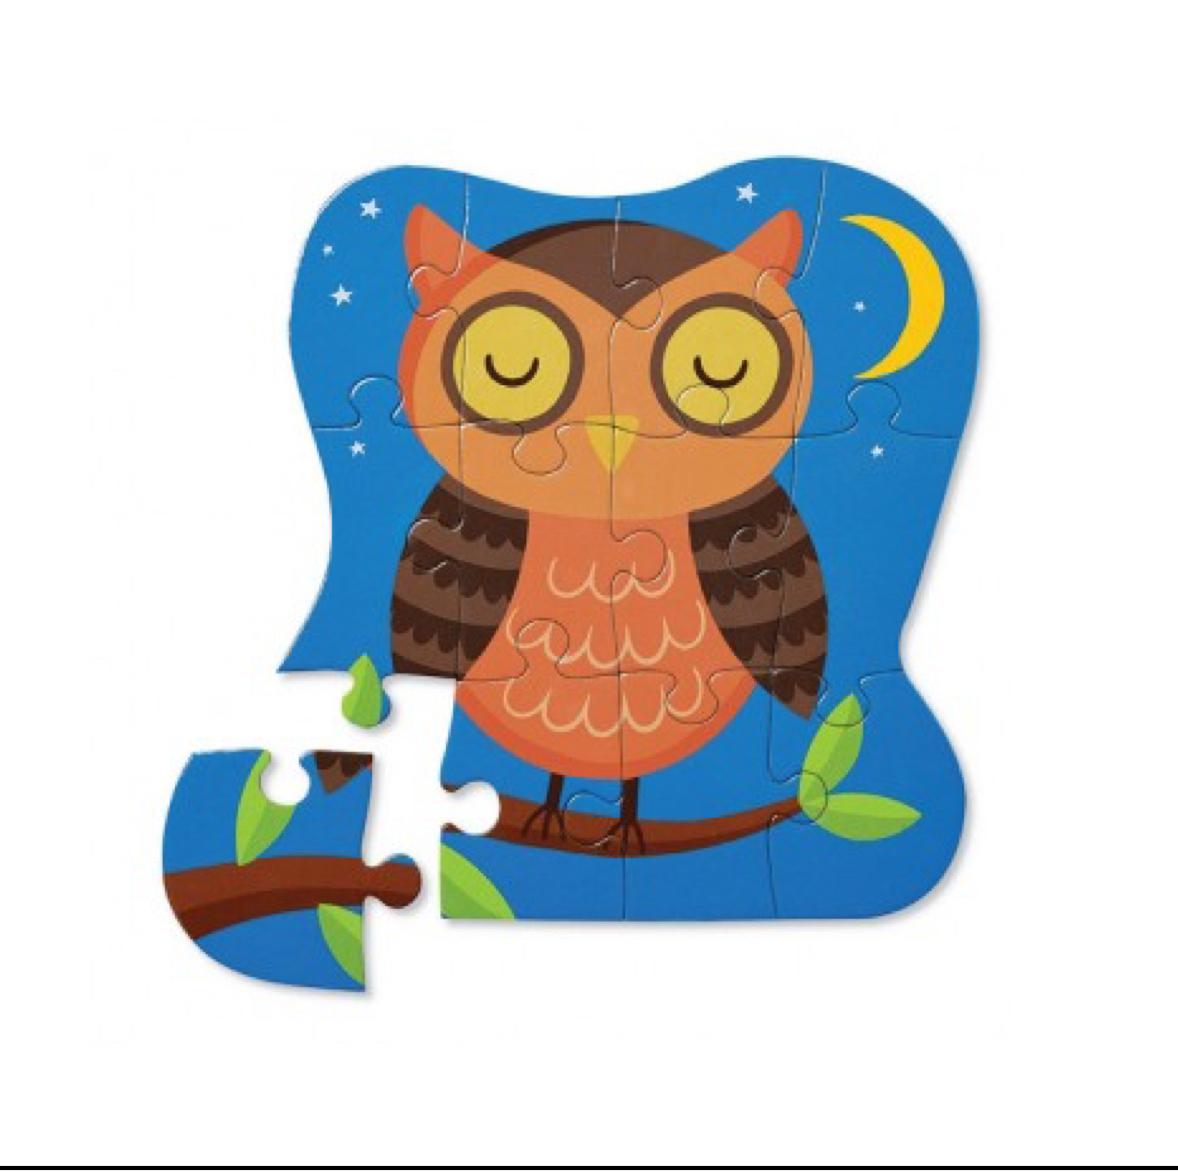 puzzle-buho-dormido-sleepy-owl-de-crocodile-creek-en-el-mundo-de-mico-2